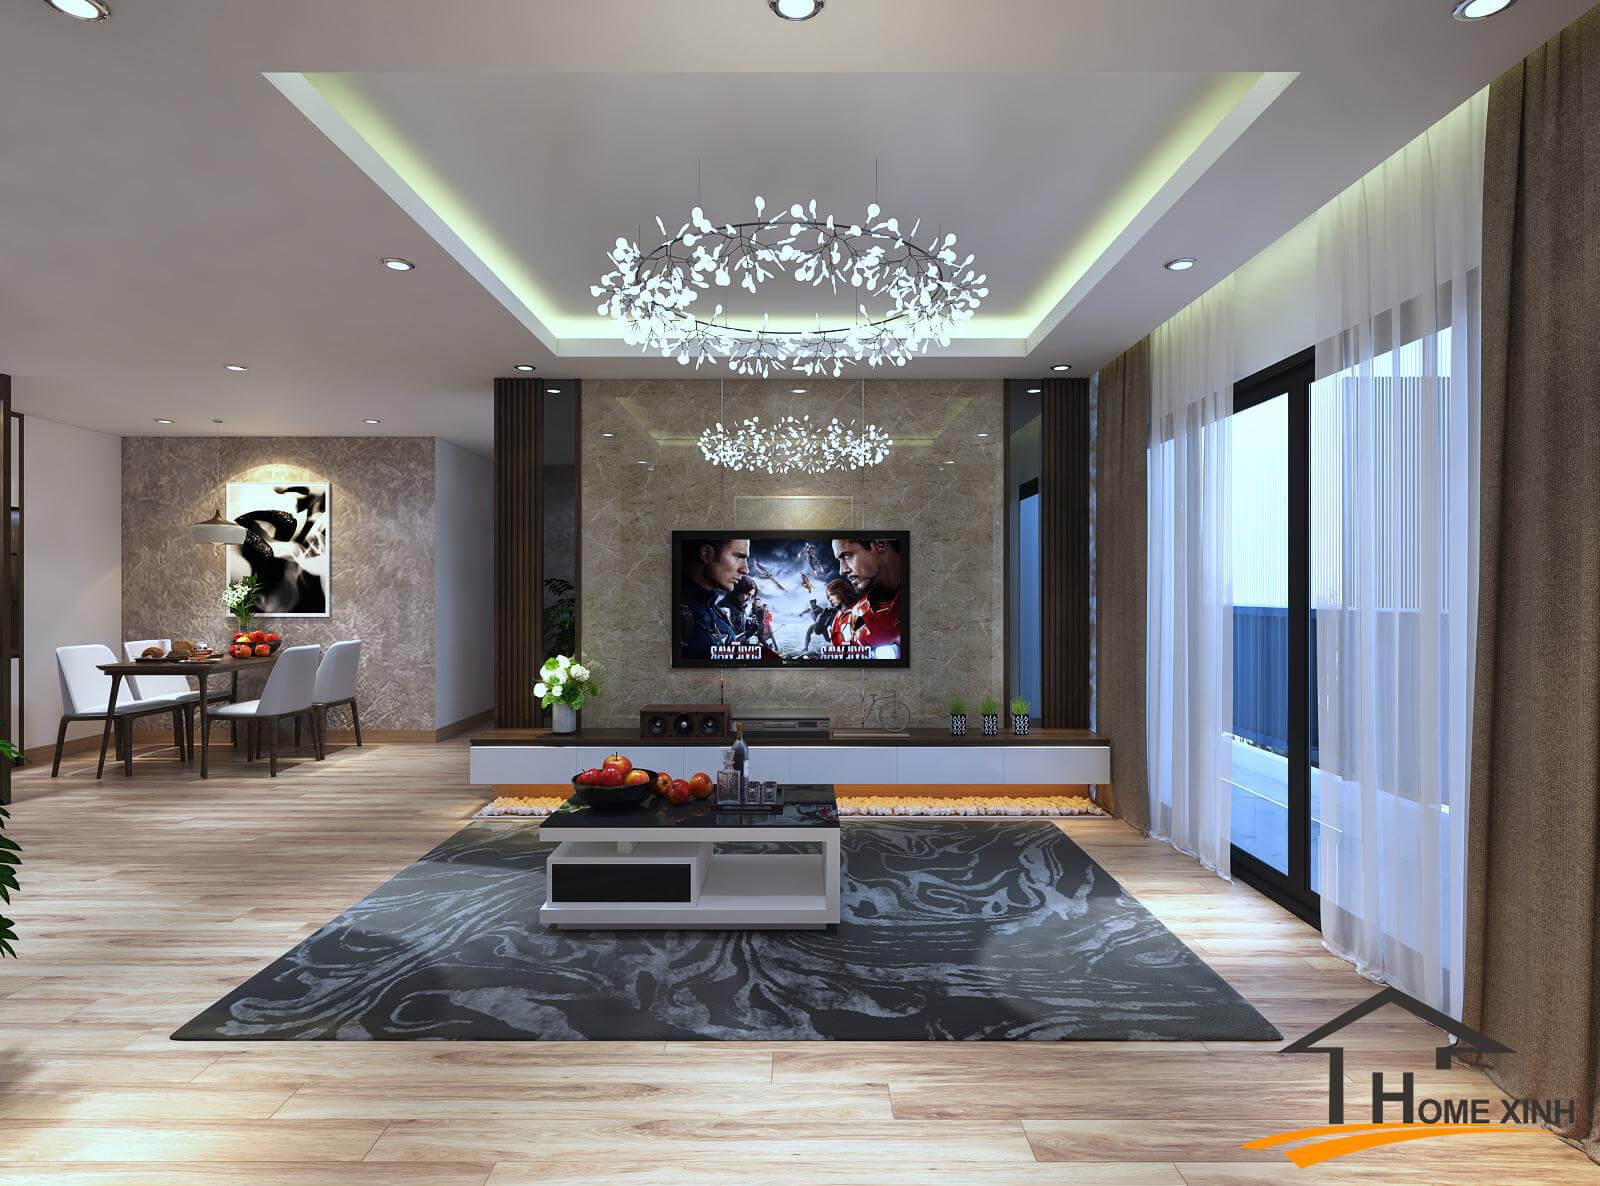 TƯ VẤN: Thiết kế trần nhà chung cư đẹp – HomeXinh